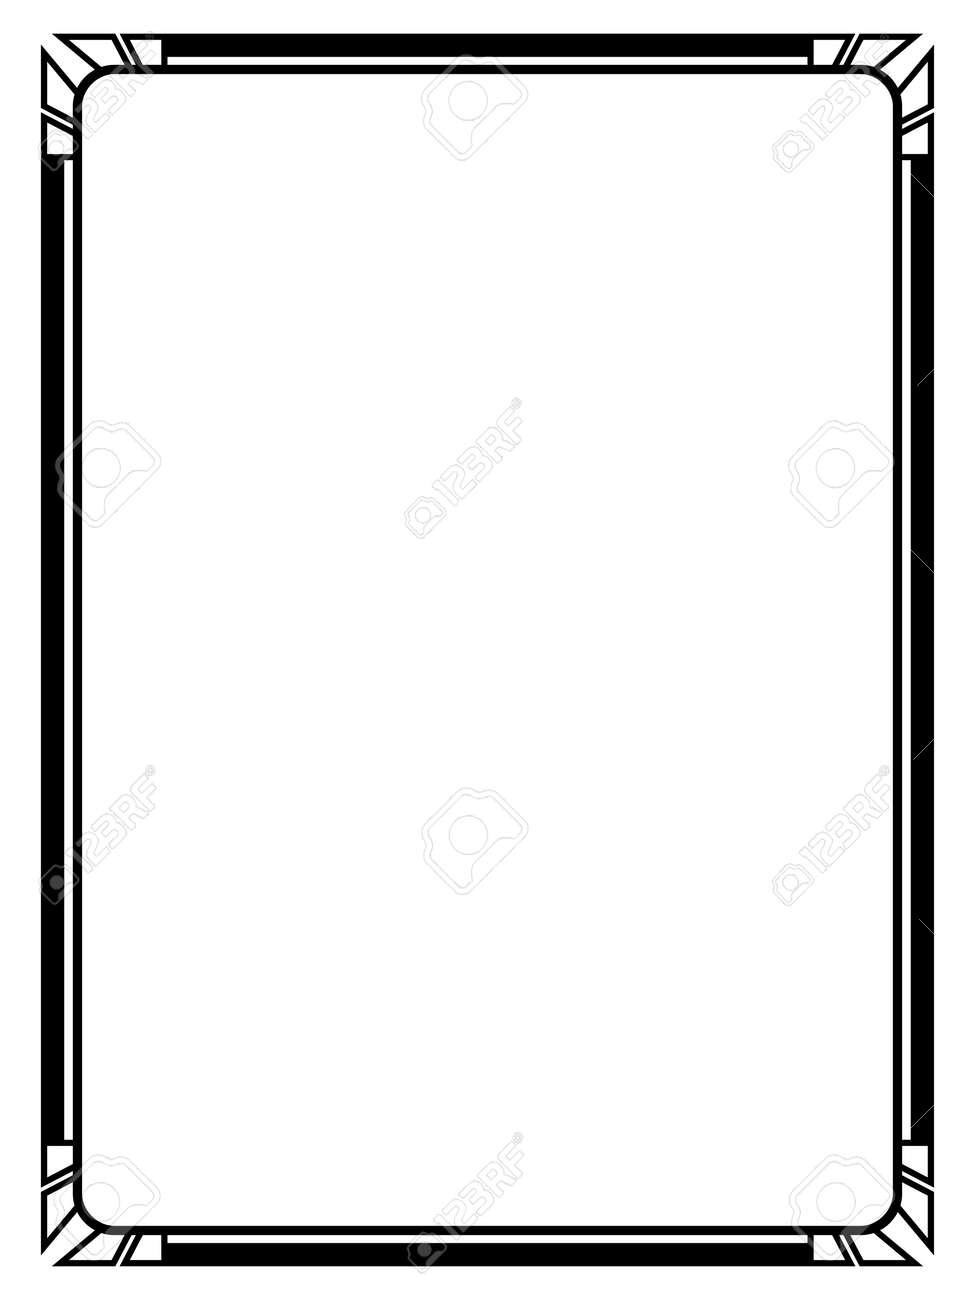 vector art deco black calligraph ornamental decorative frame rh 123rf com art deco vector borders art deco vector frames